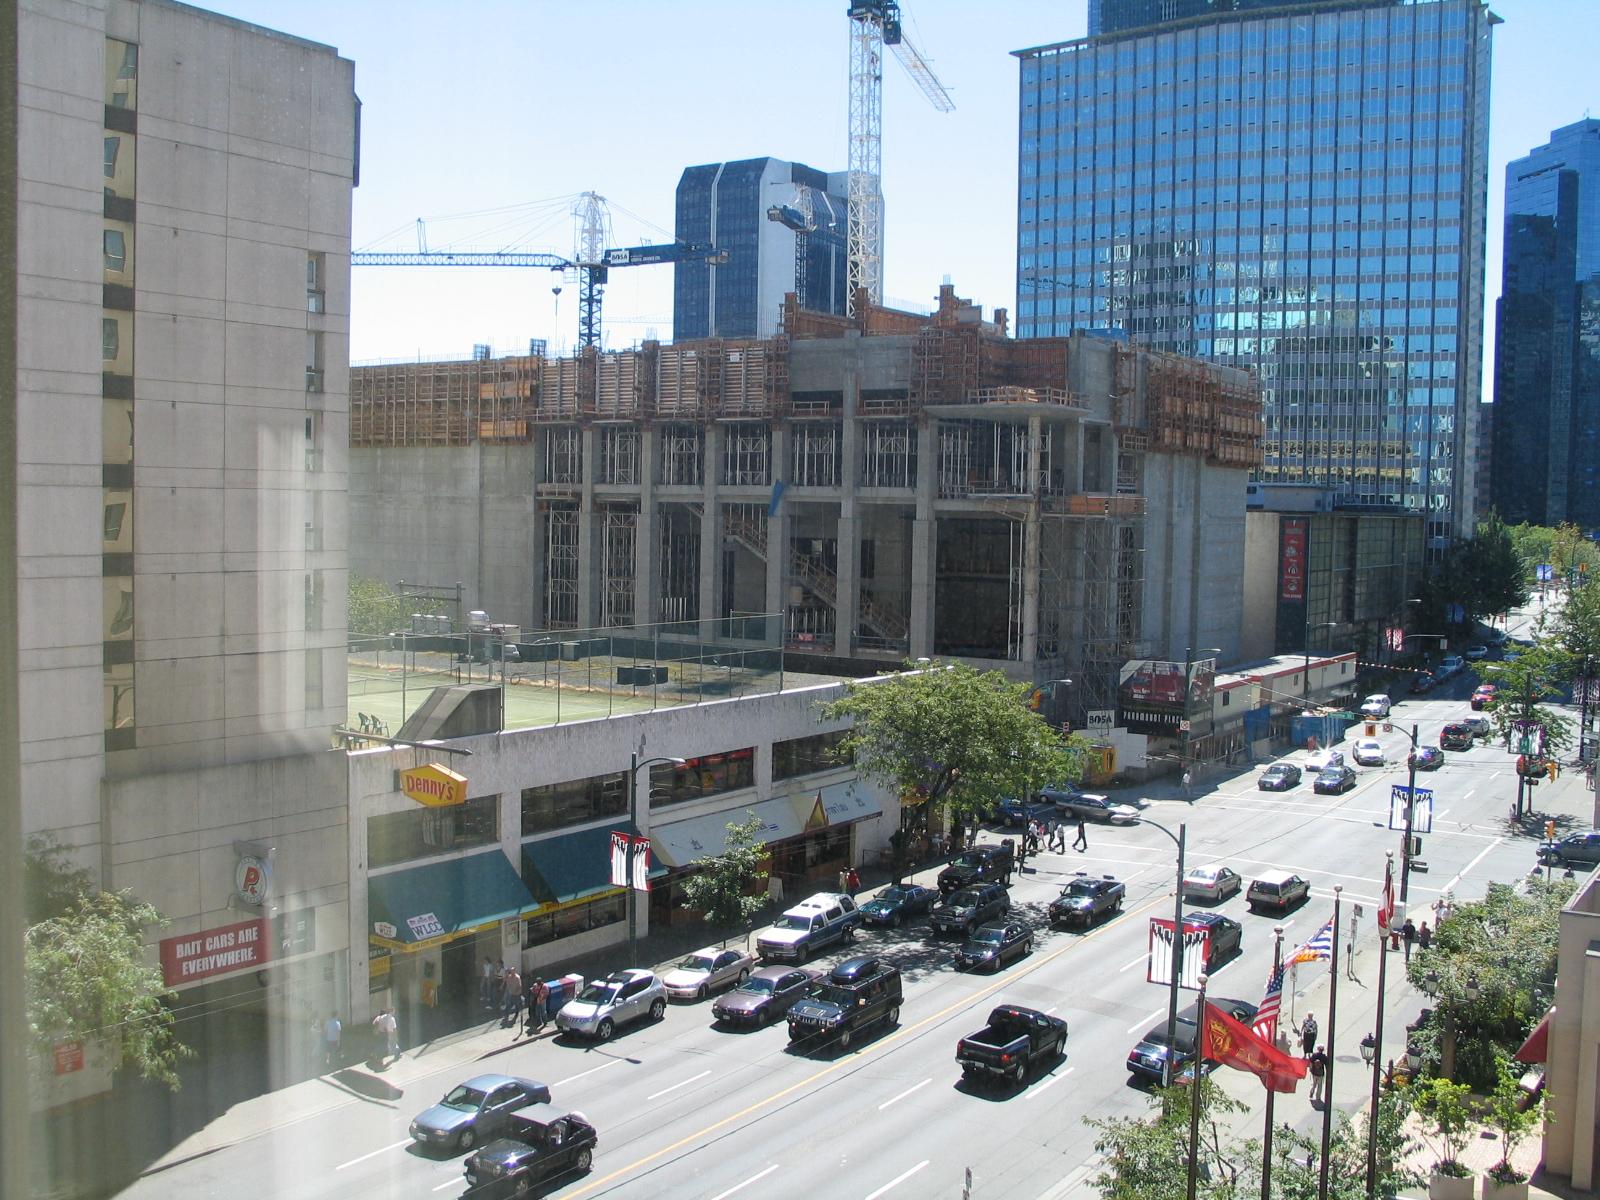 サットンプレイスホテルバンクーバー521号室から見た景色です。見える道路はバラードストリートです。